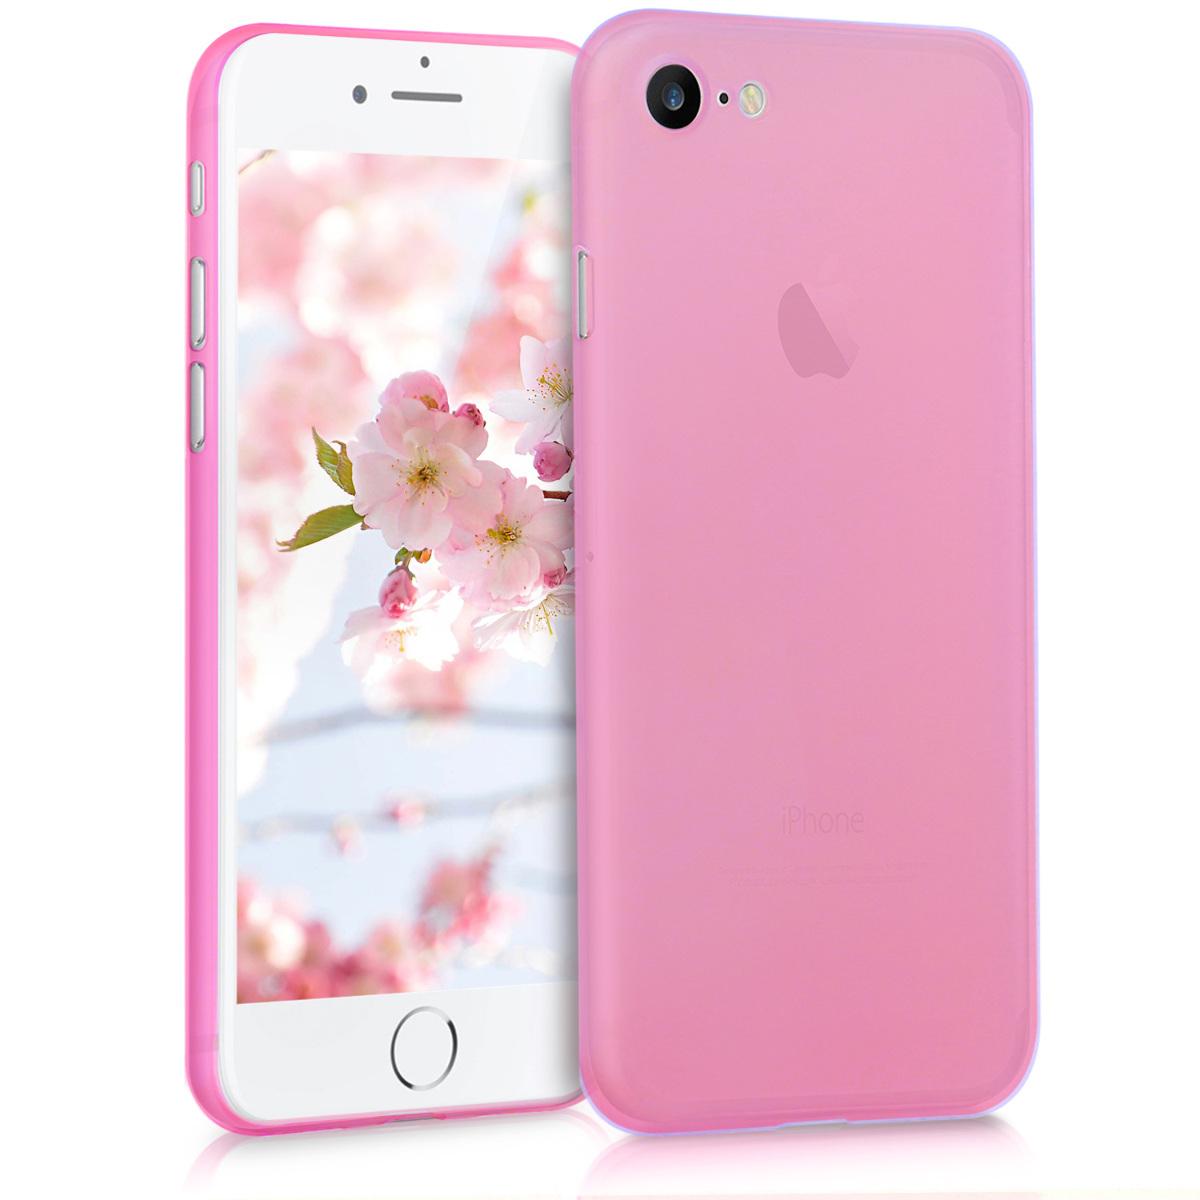 Kvalitní plastové pouzdro pro Apple iPhone 7 / 8 / SE  - Tmavě růžová